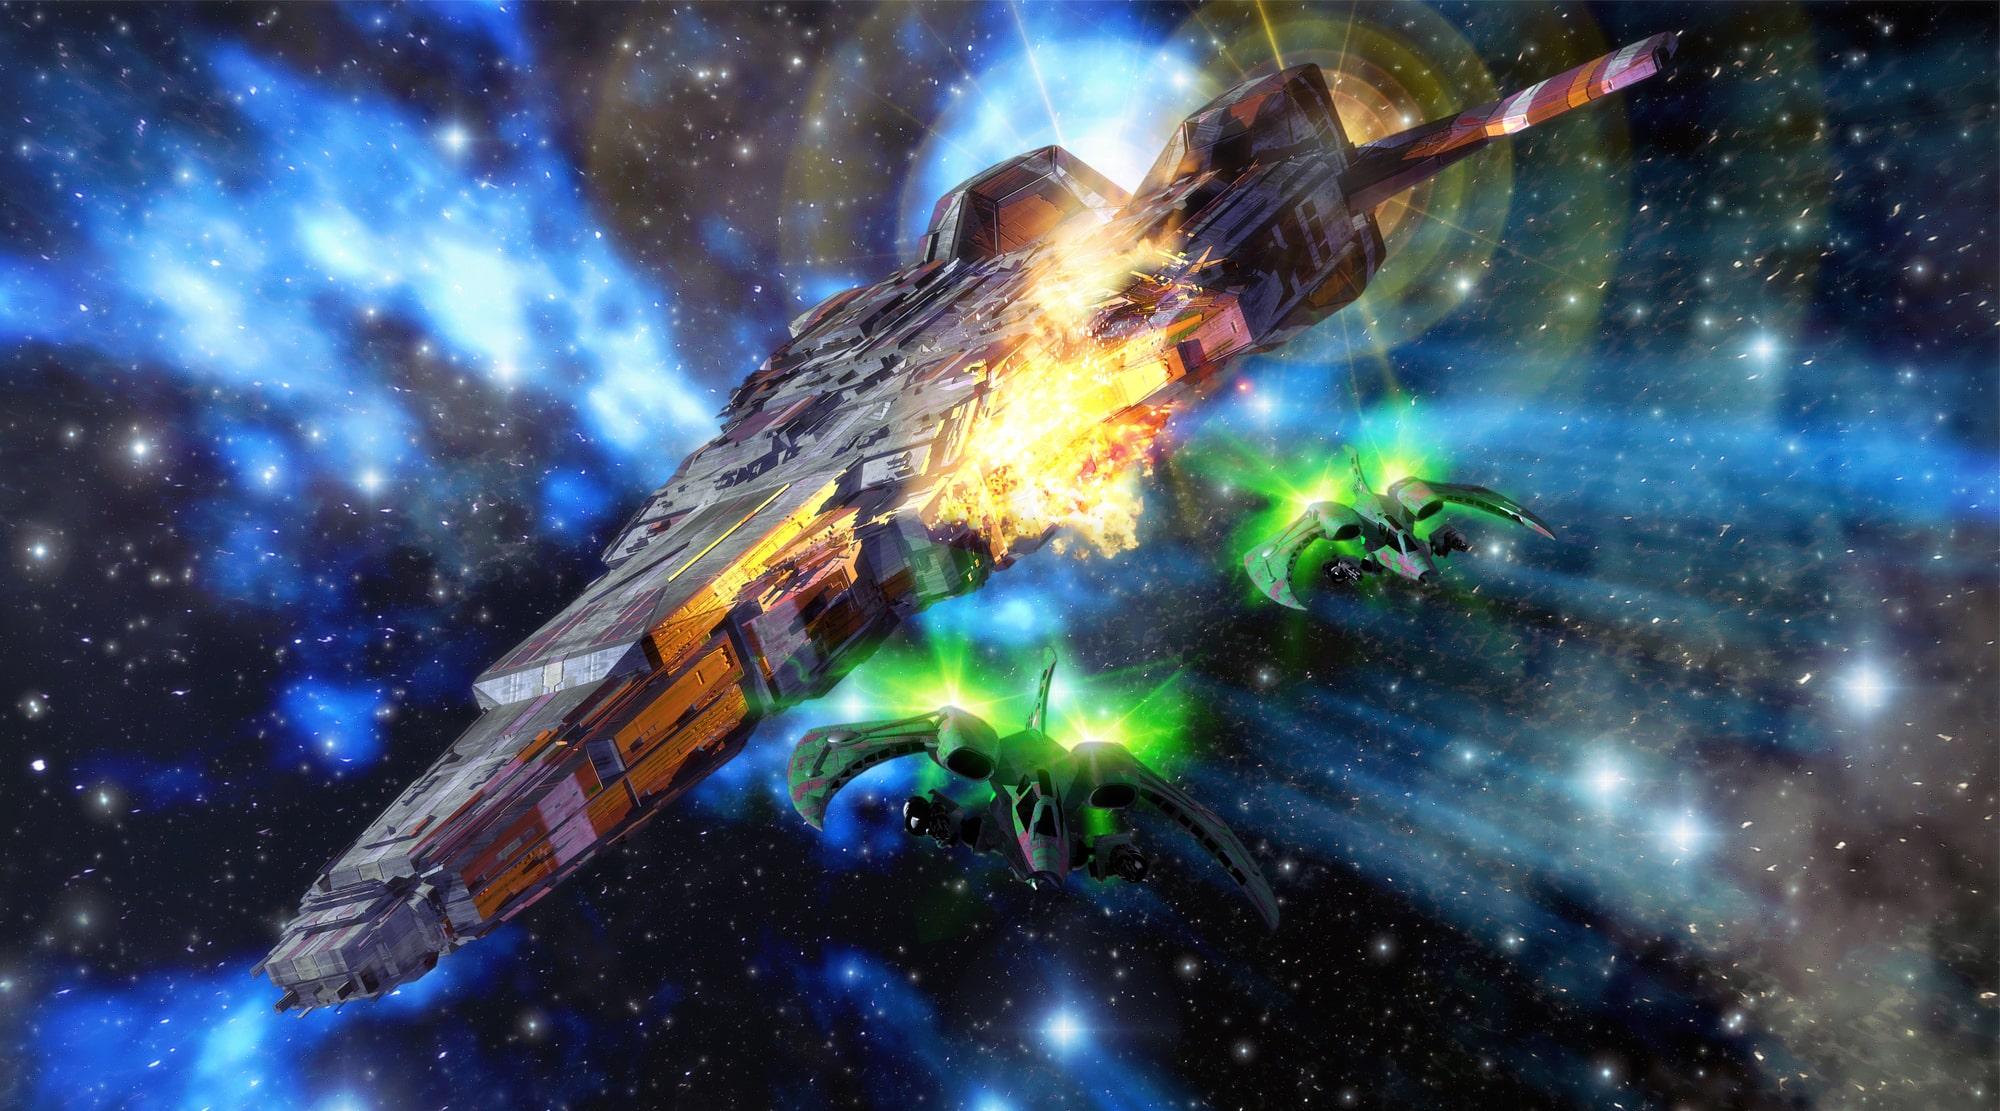 Съемки второго сезона сериала «Звездный путь: Пикар» снова перенесли